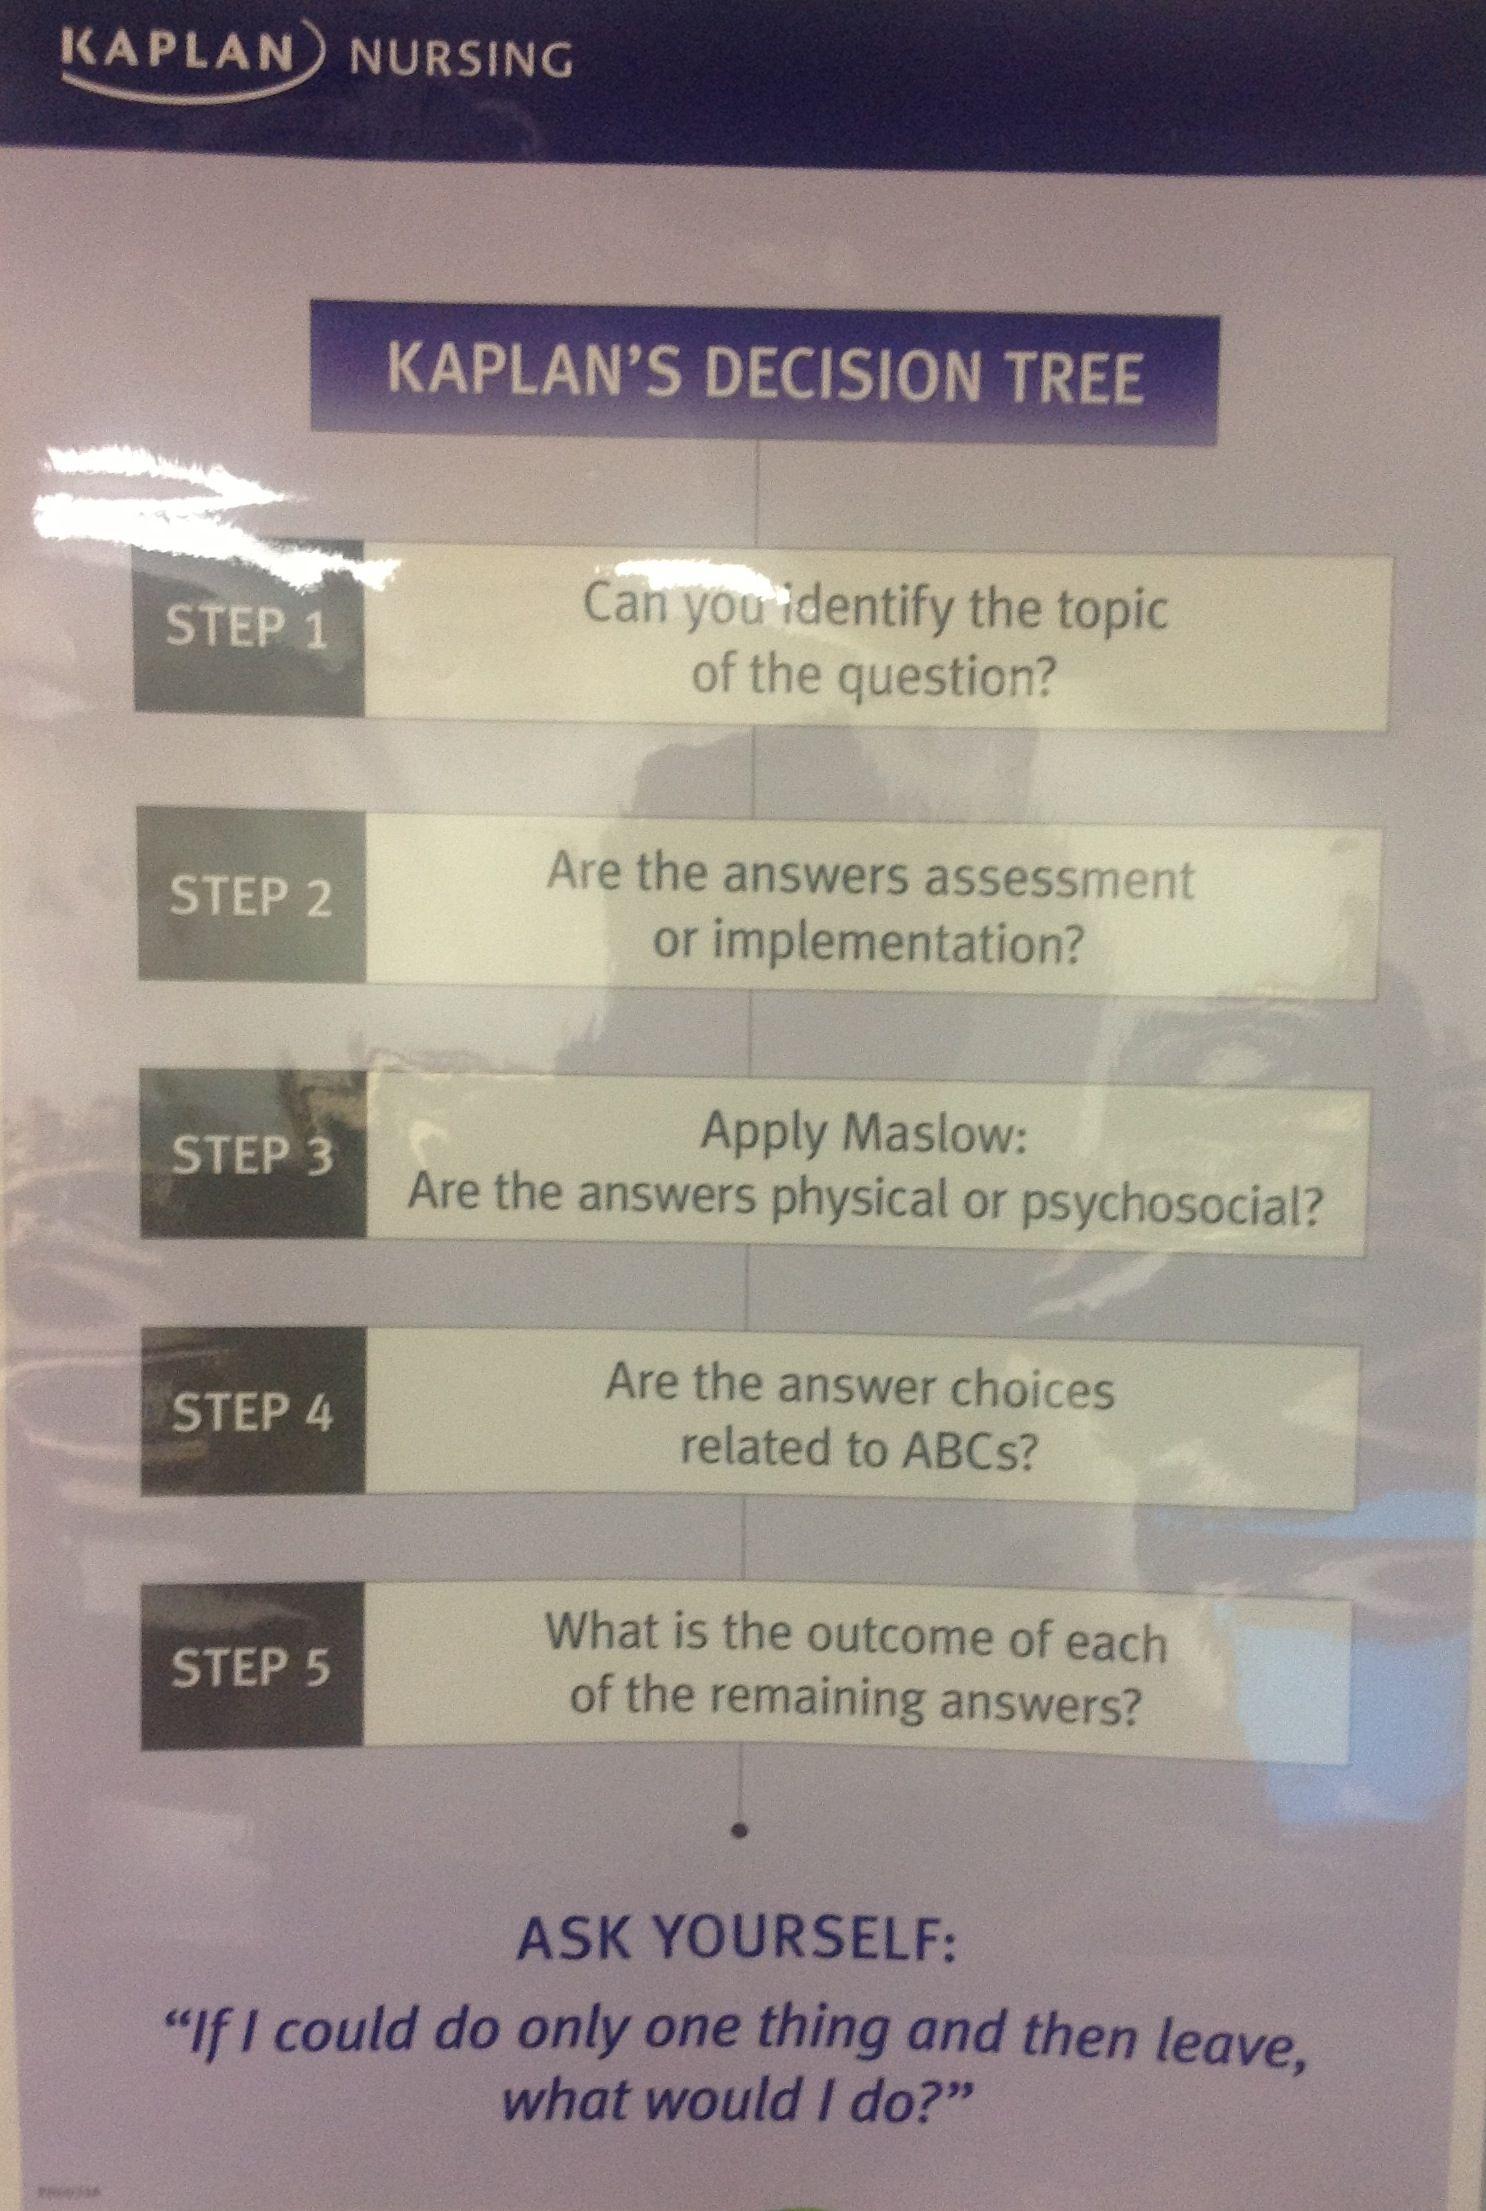 Kaplan Nursing Decision Tree